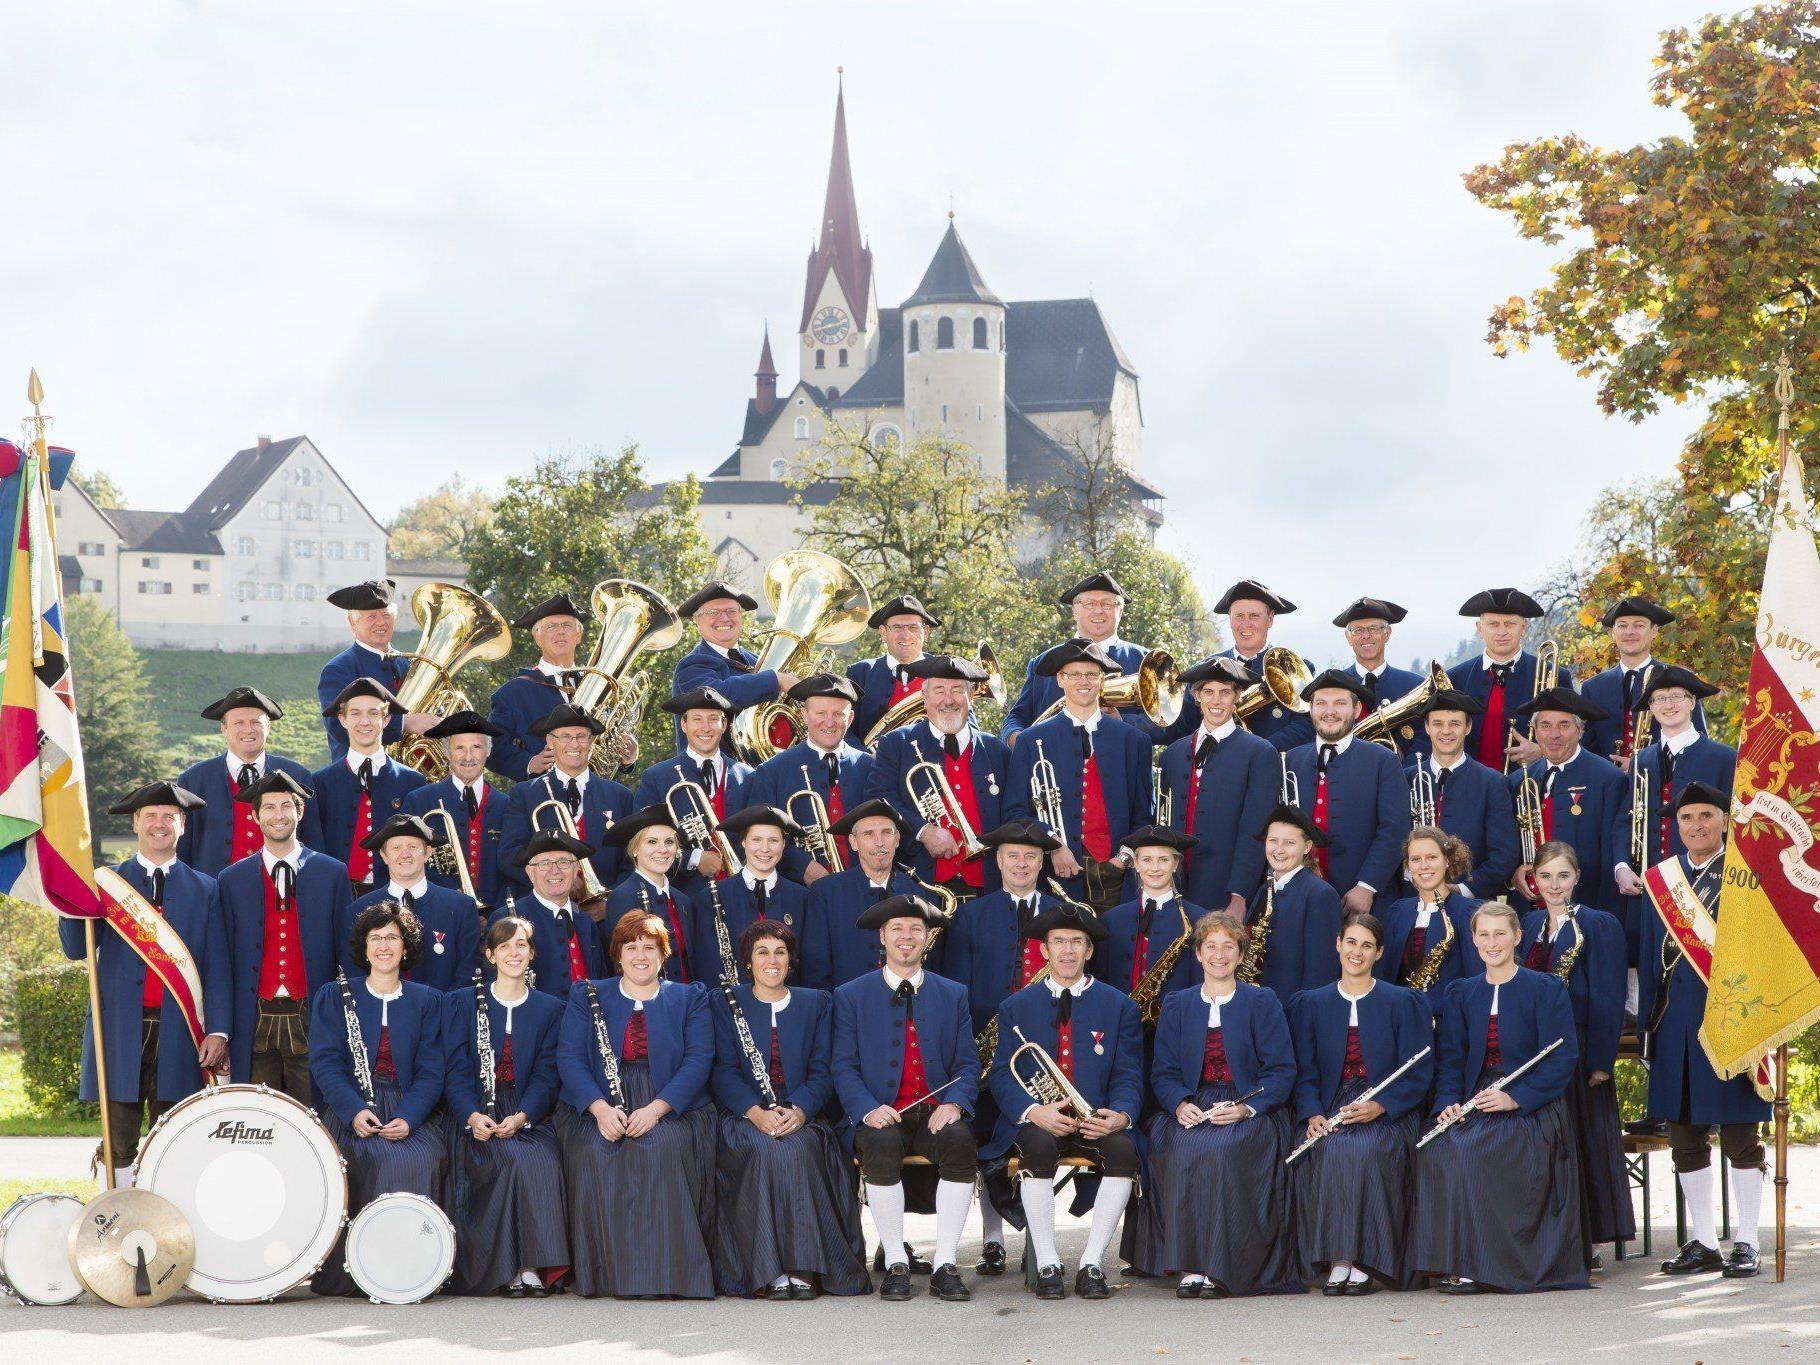 Die Bürgermusik Rankeil feiert heuer ihr 200 jähriges Bestehen.